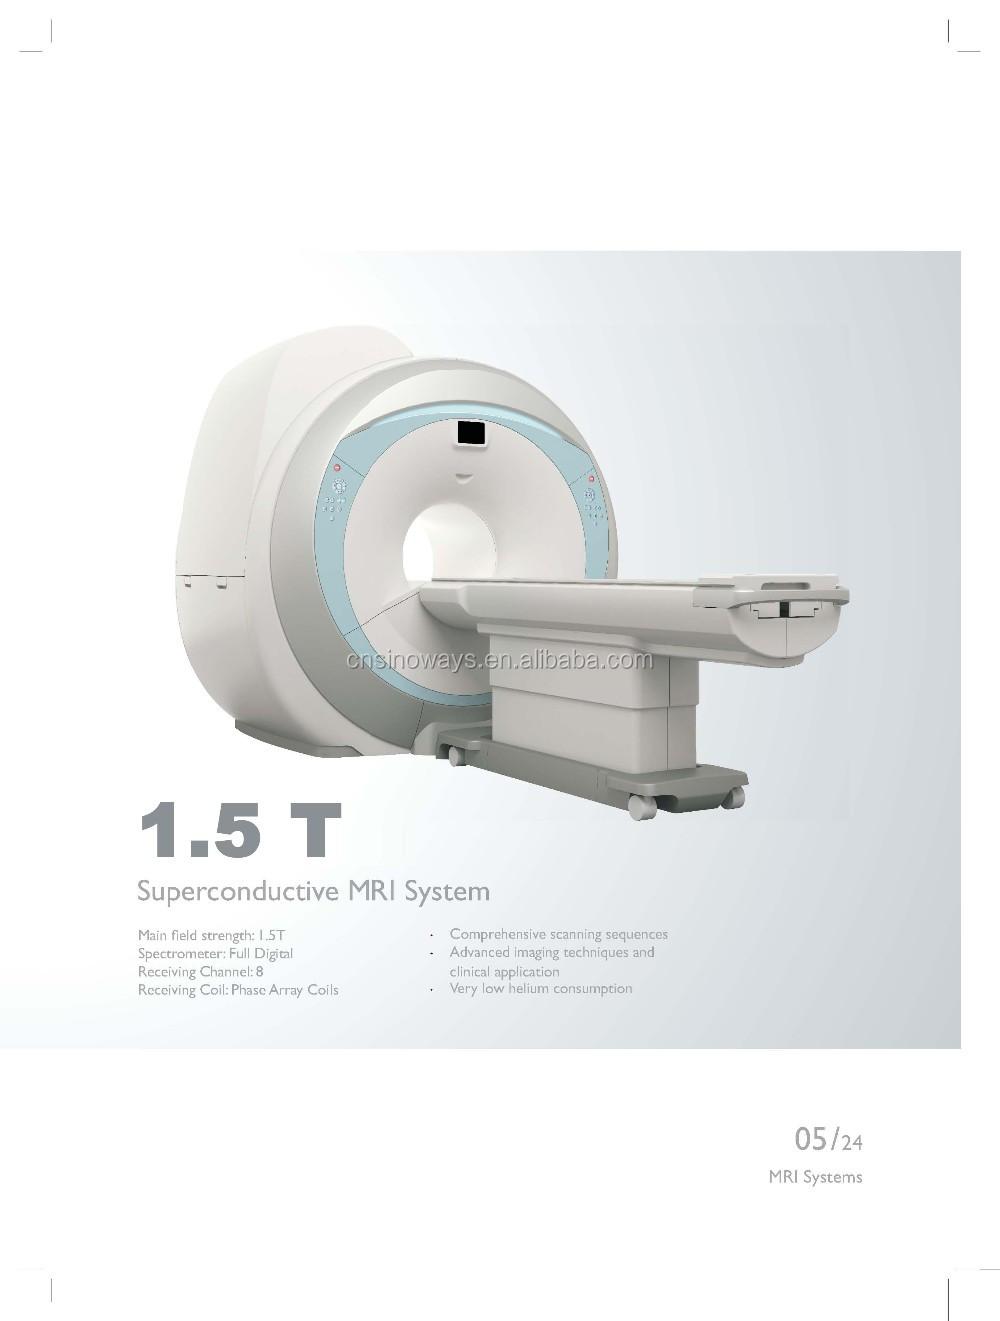 Супер сканирования 1.5 т мрт сверхпроводящего магнитно-резонансная томография оборудование